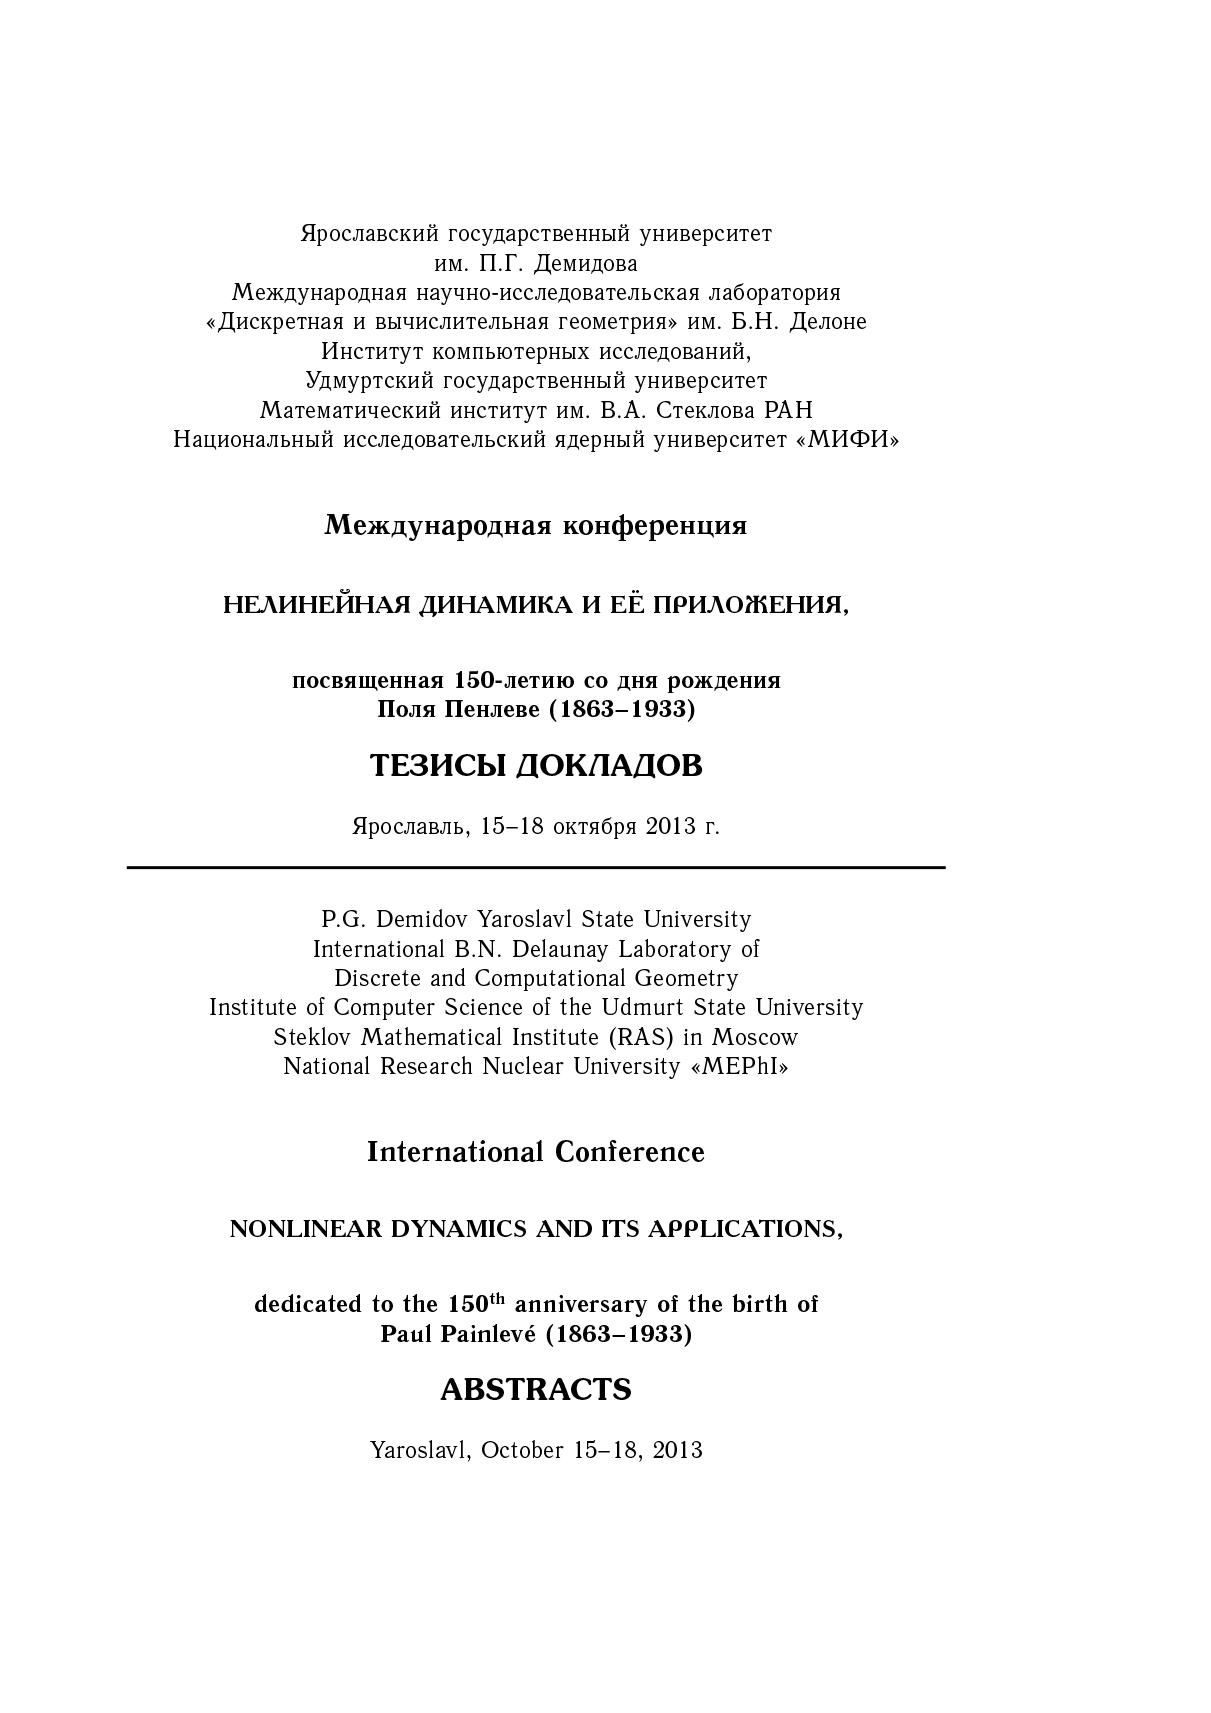 Коллектив авторов Нелинейная динамика и её приложения, посвященная 150-летию со дня рождения Поля Пенлеве. Тезисы докладов